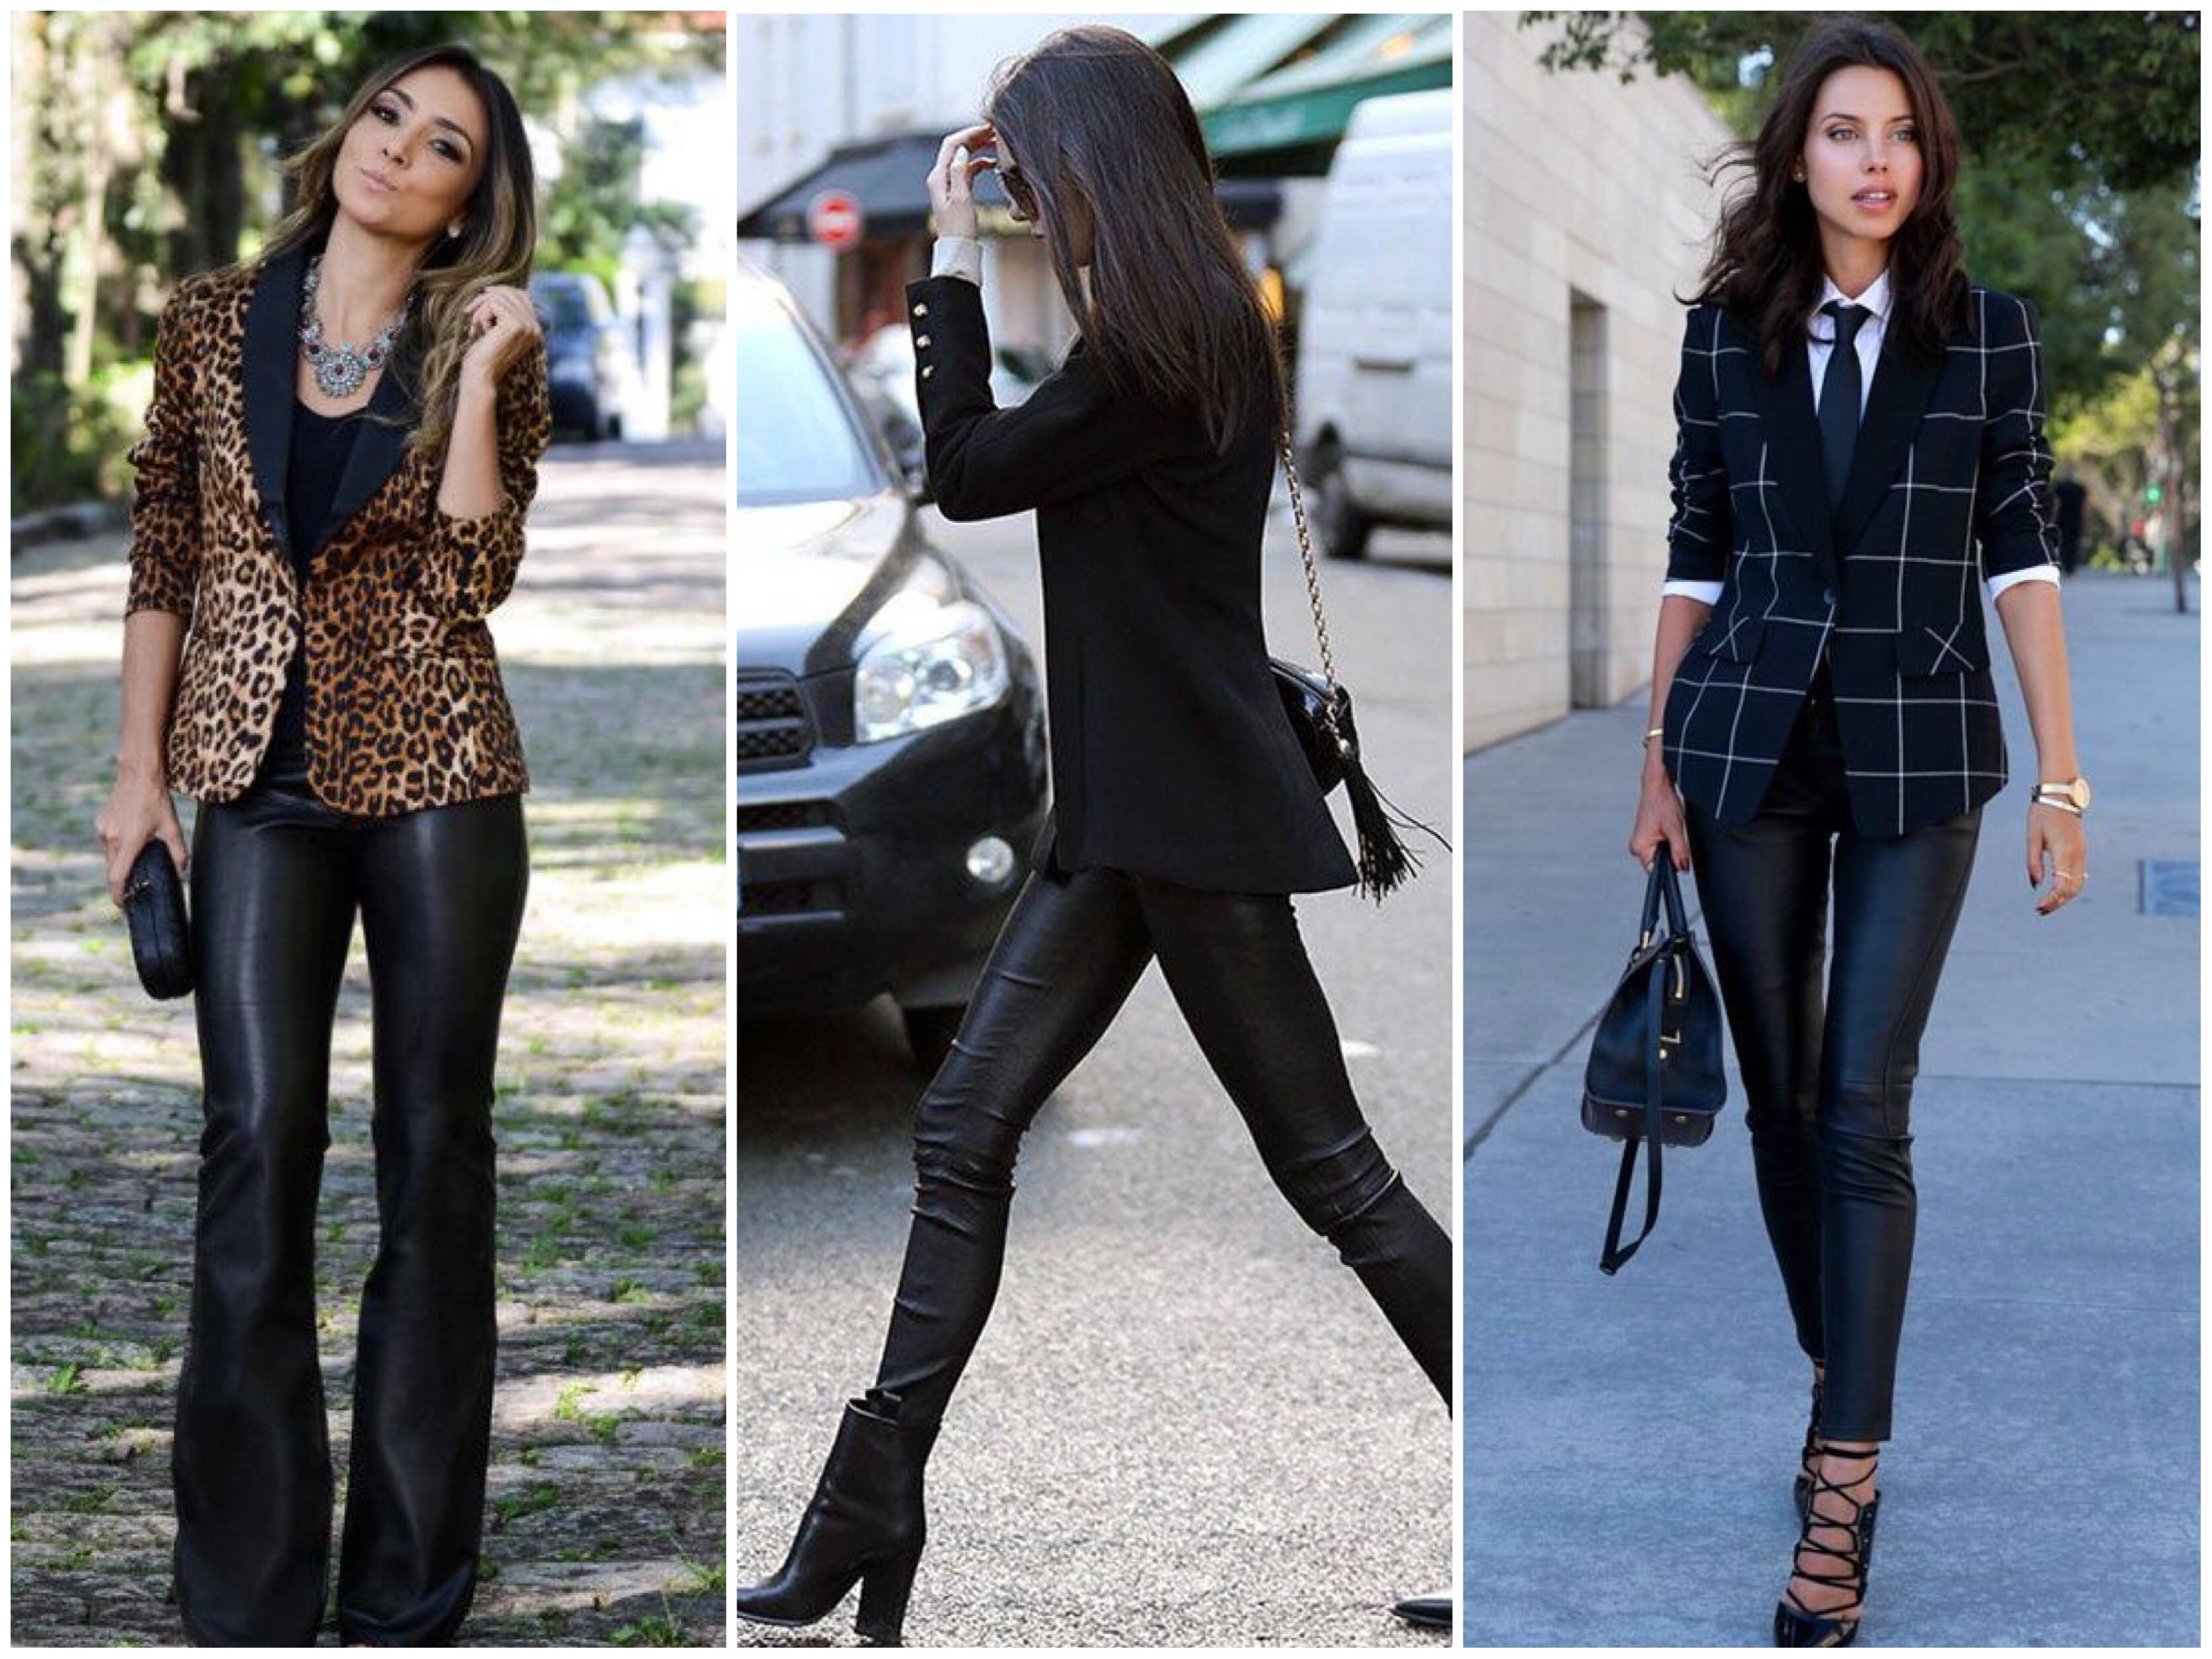 44918e90b Muitas lojas têm modelos de calça de couro lindas, é só garimpar. As opções  vão desde Riachuelo, Renner e C&A, até as mais caras, como Zara, Le Lis  Blanc, ...